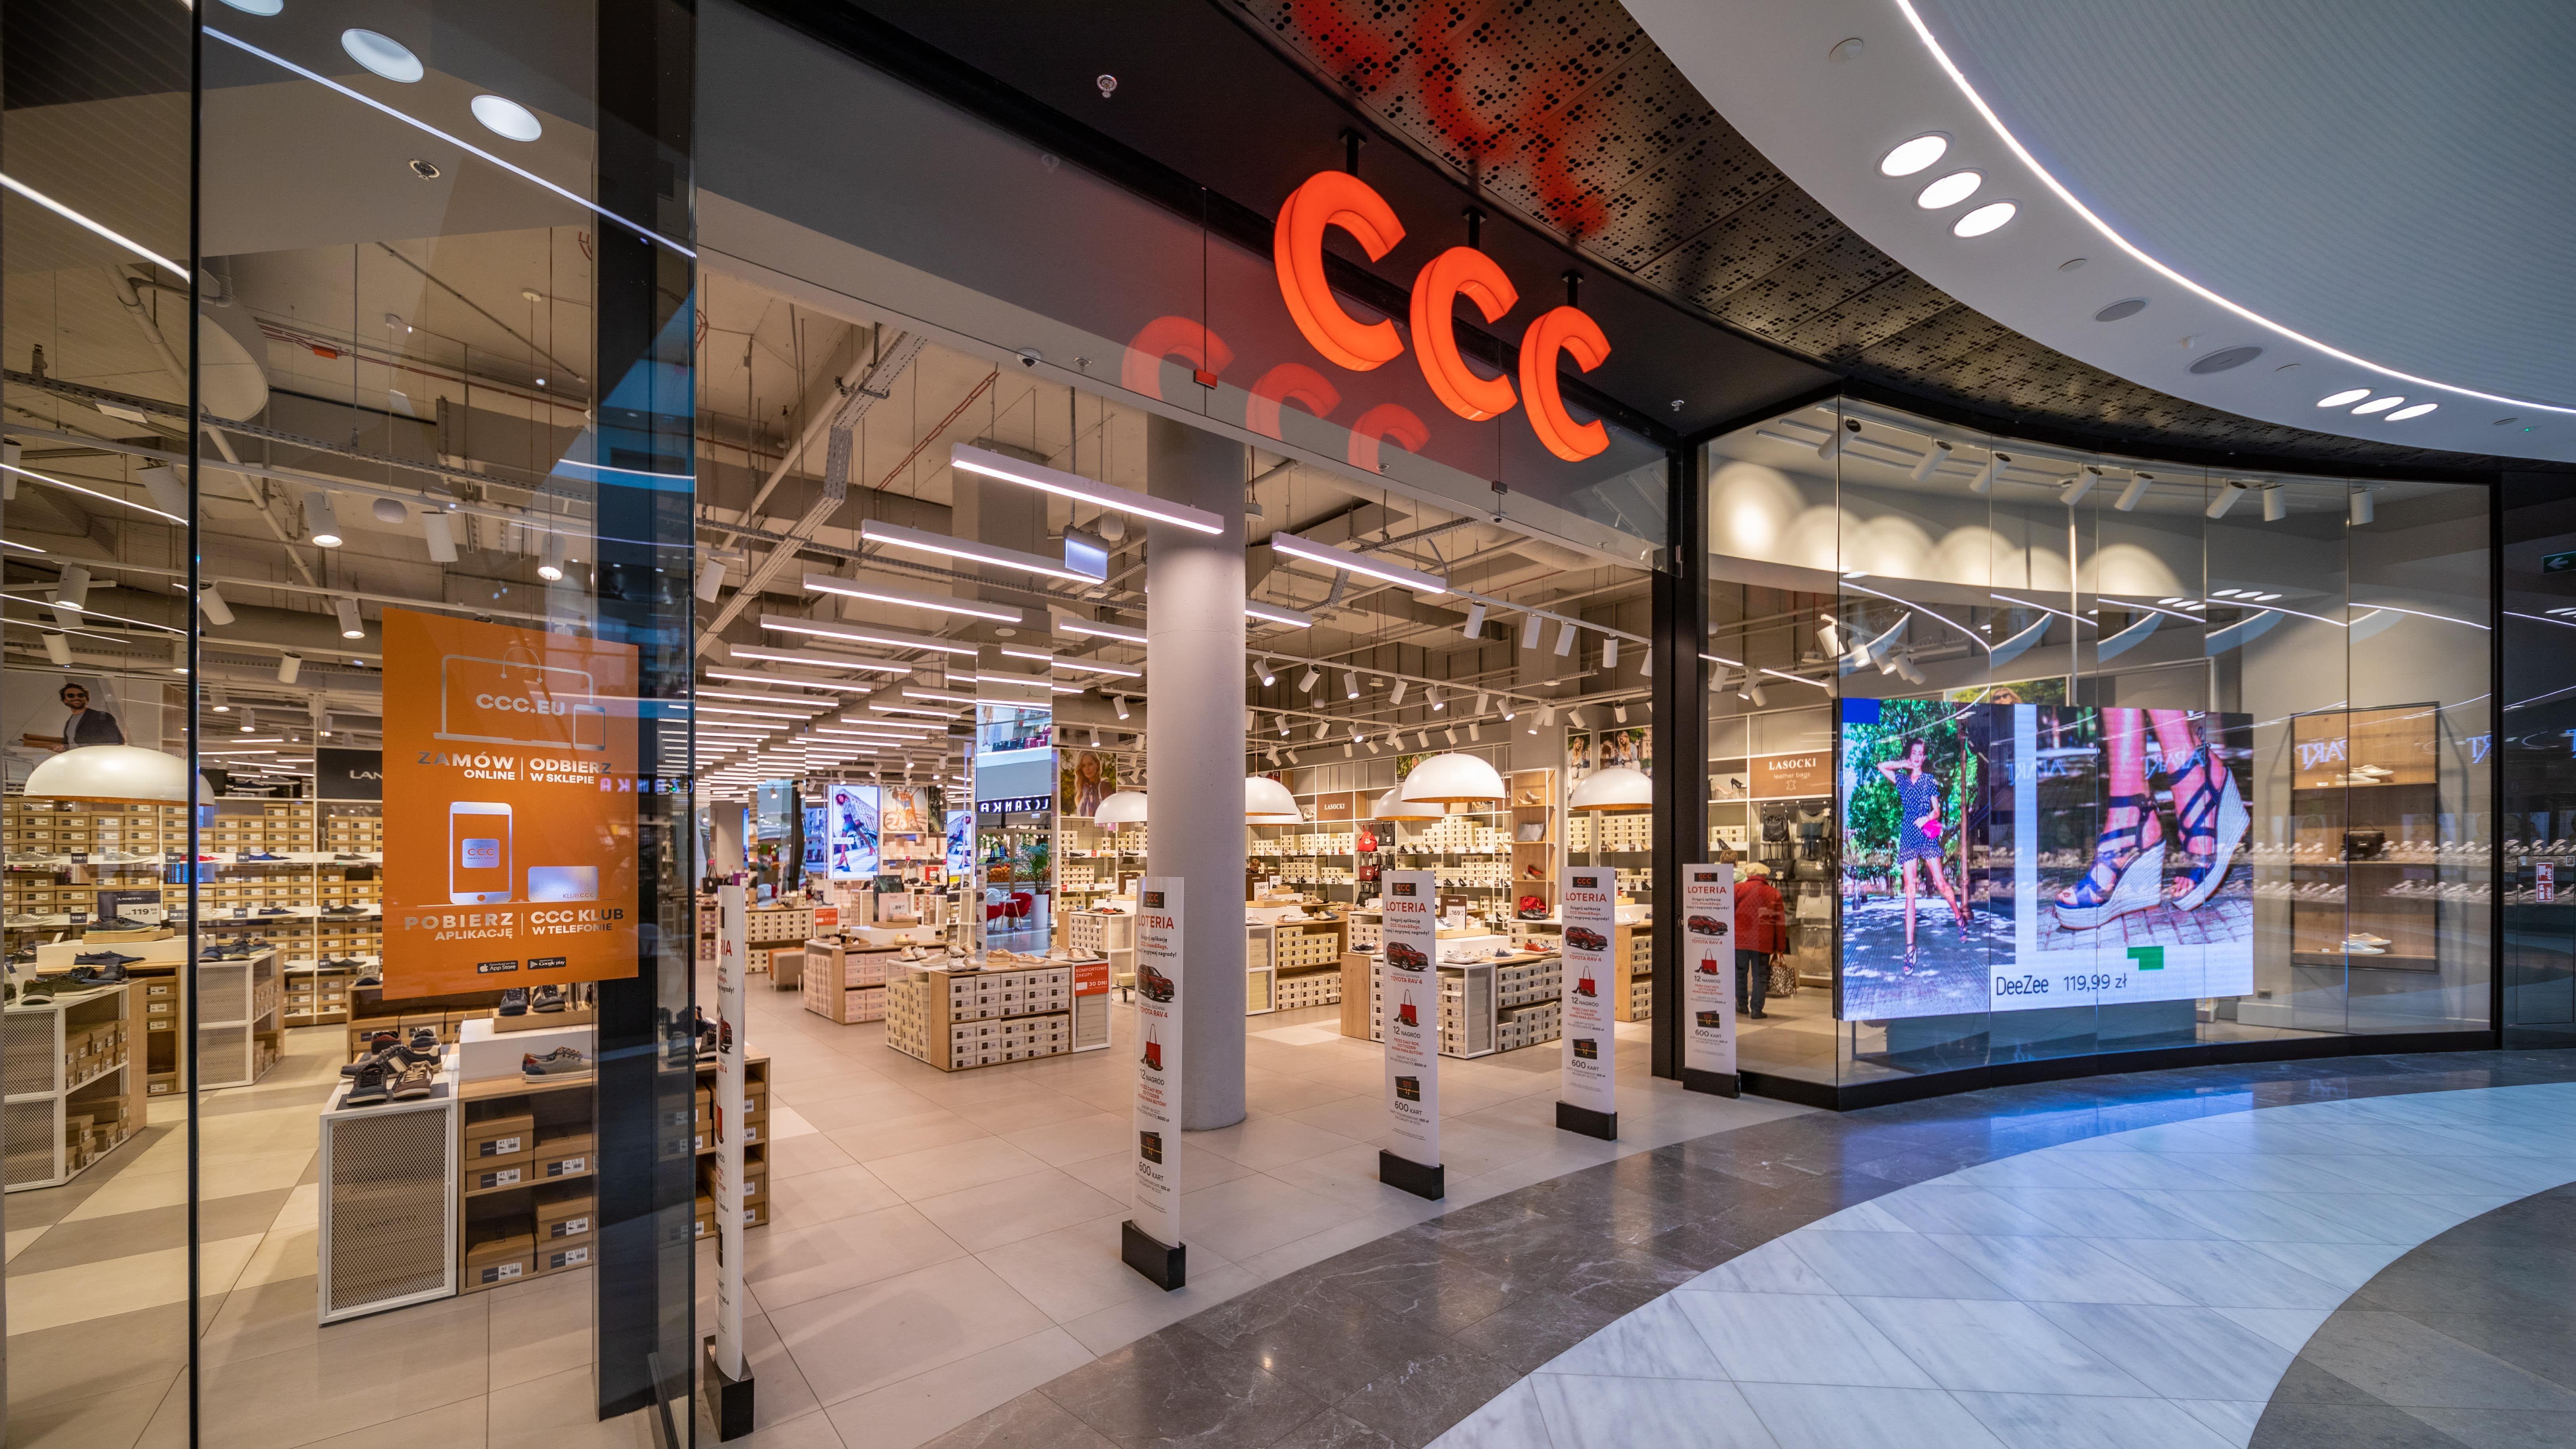 Polnischer Schuhfilialist legt Strategie Go.22 vor: CCC hat